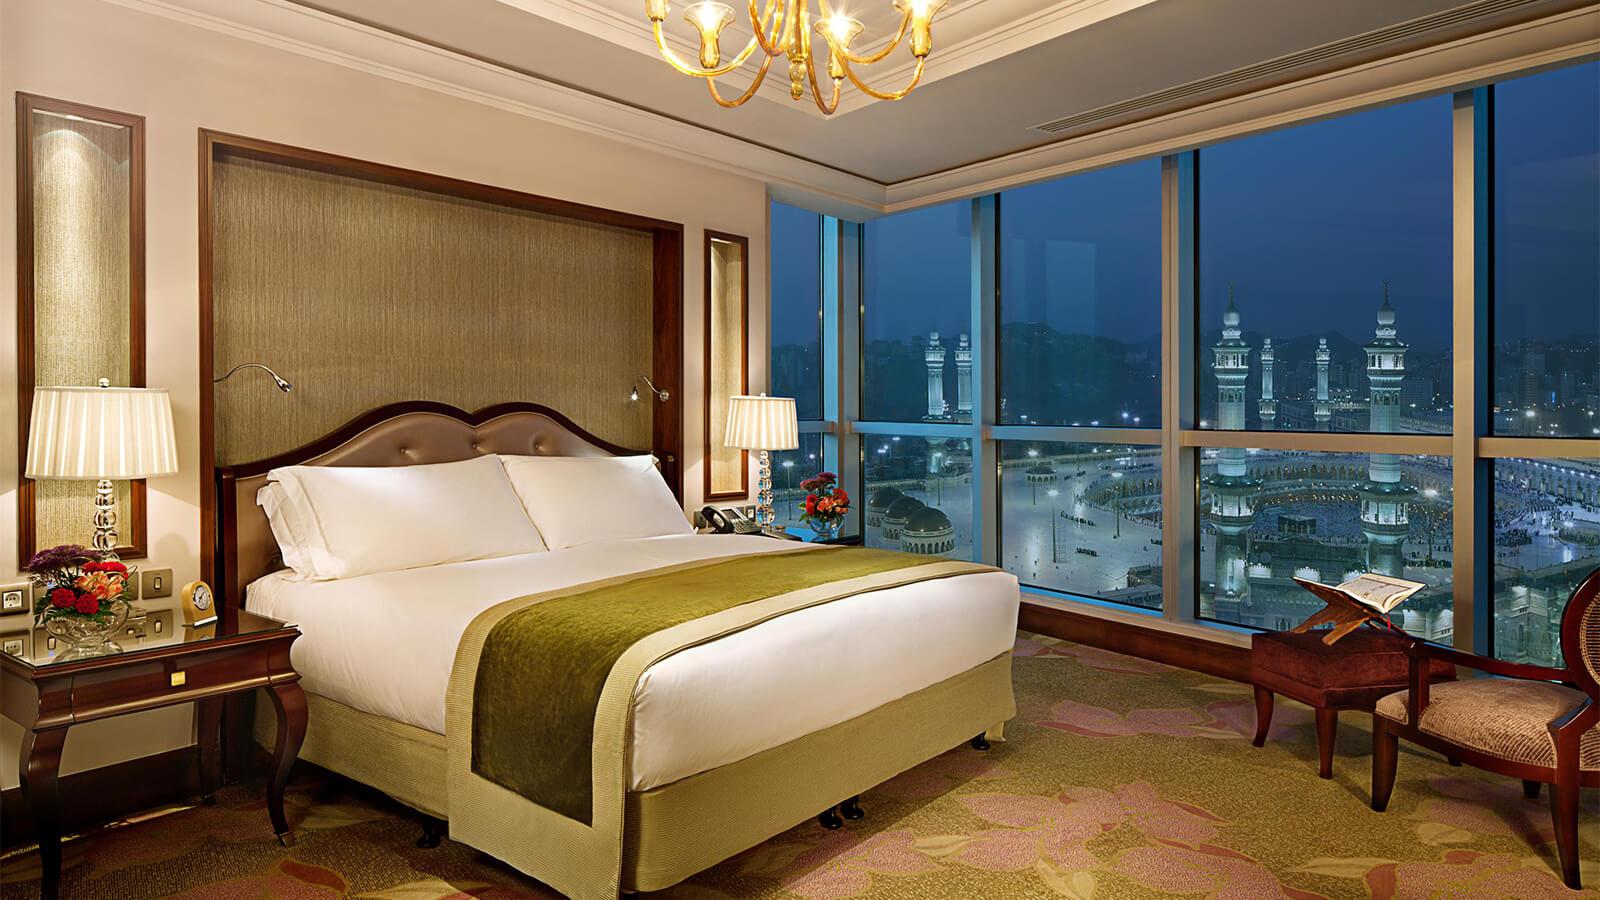 Raffles Makkah Palace Luxury Hotel In Makkah Raffles Hotels